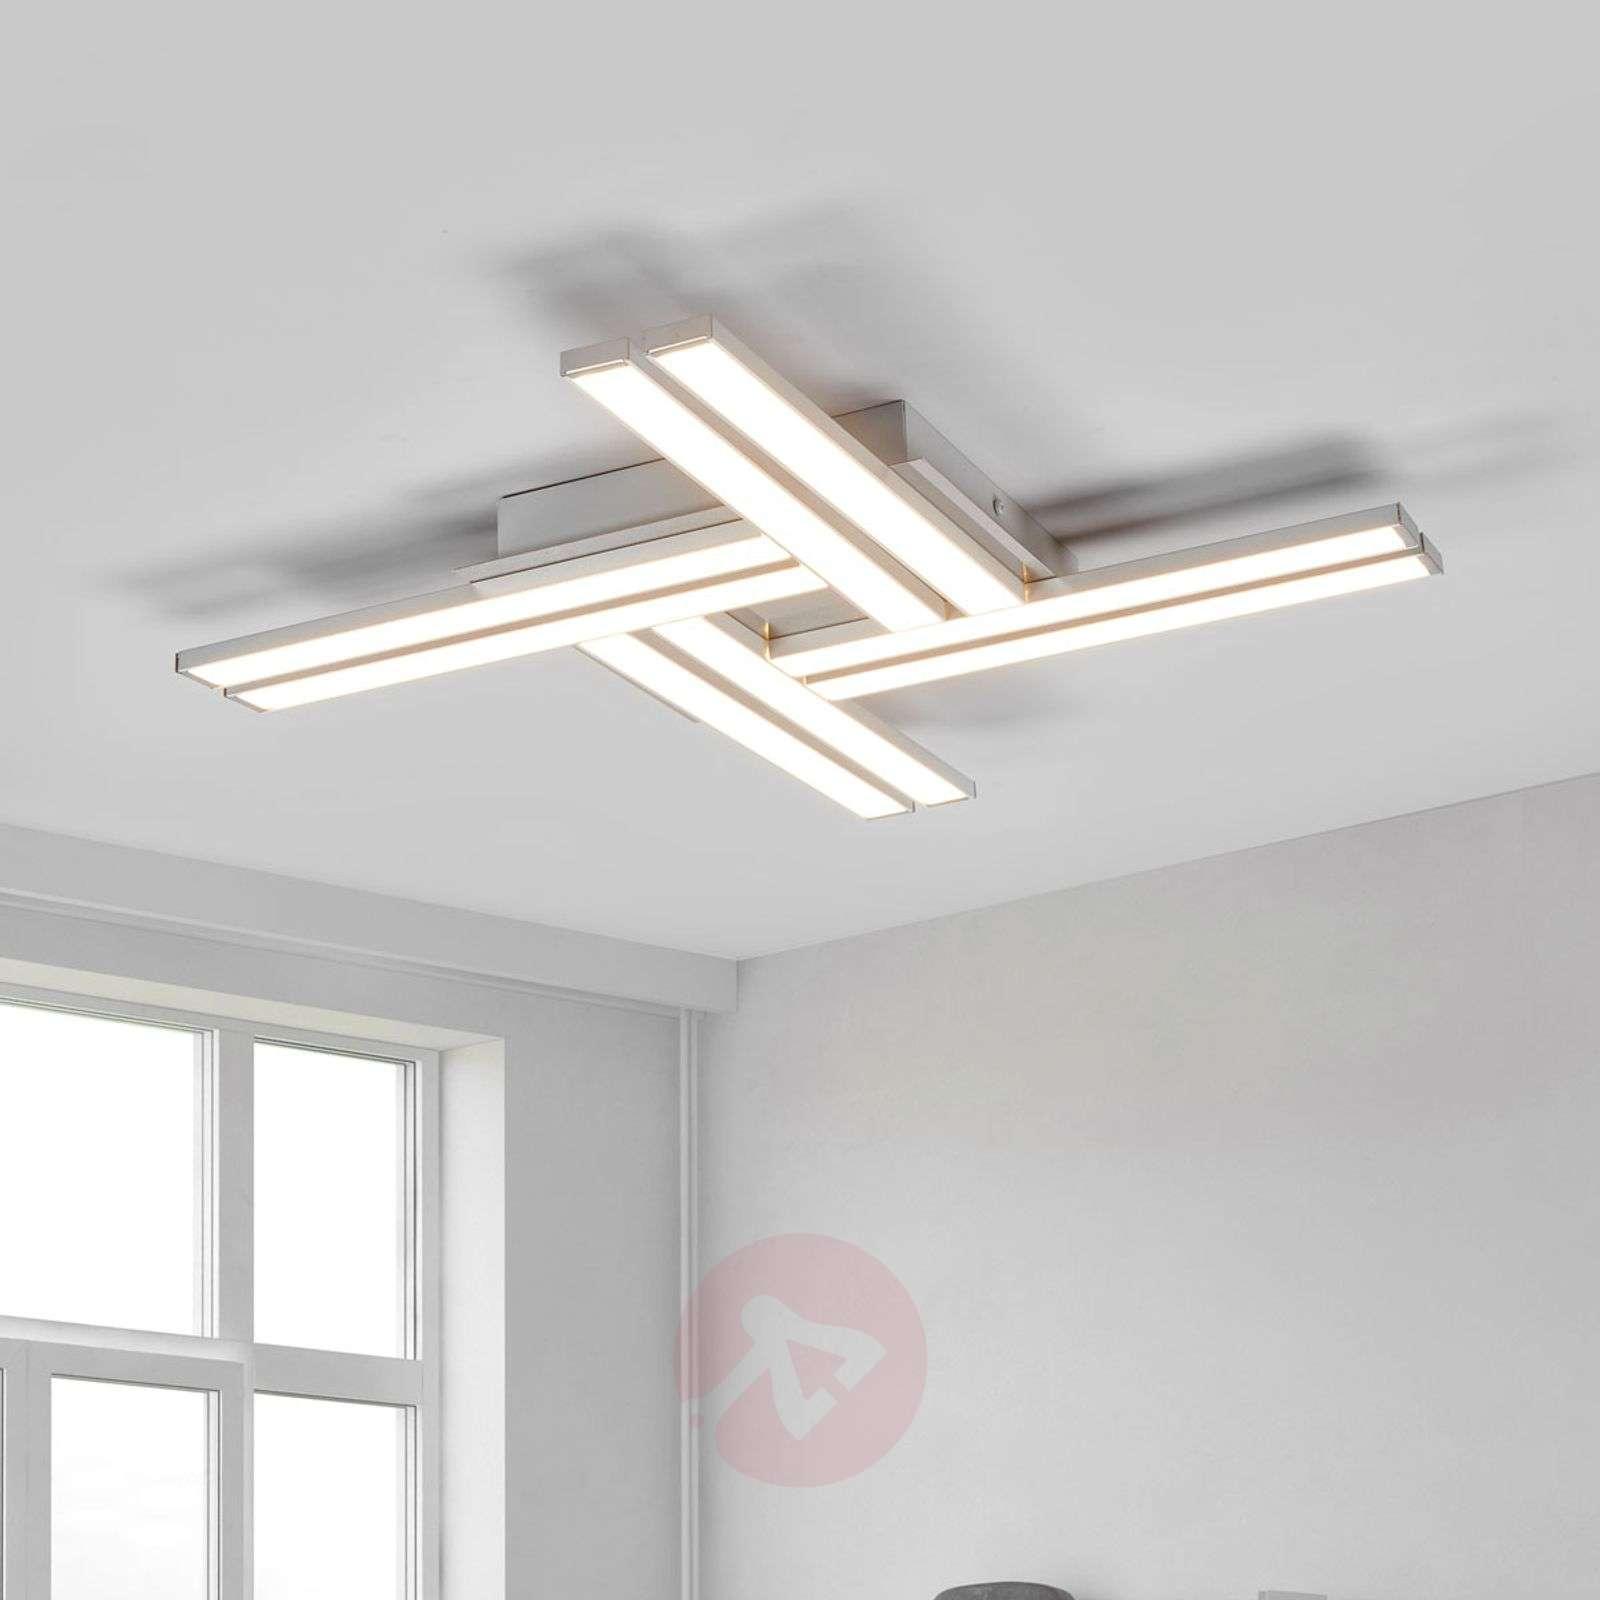 Tyylikäs kattovalaisin Largo LED-valolla-6089013-01